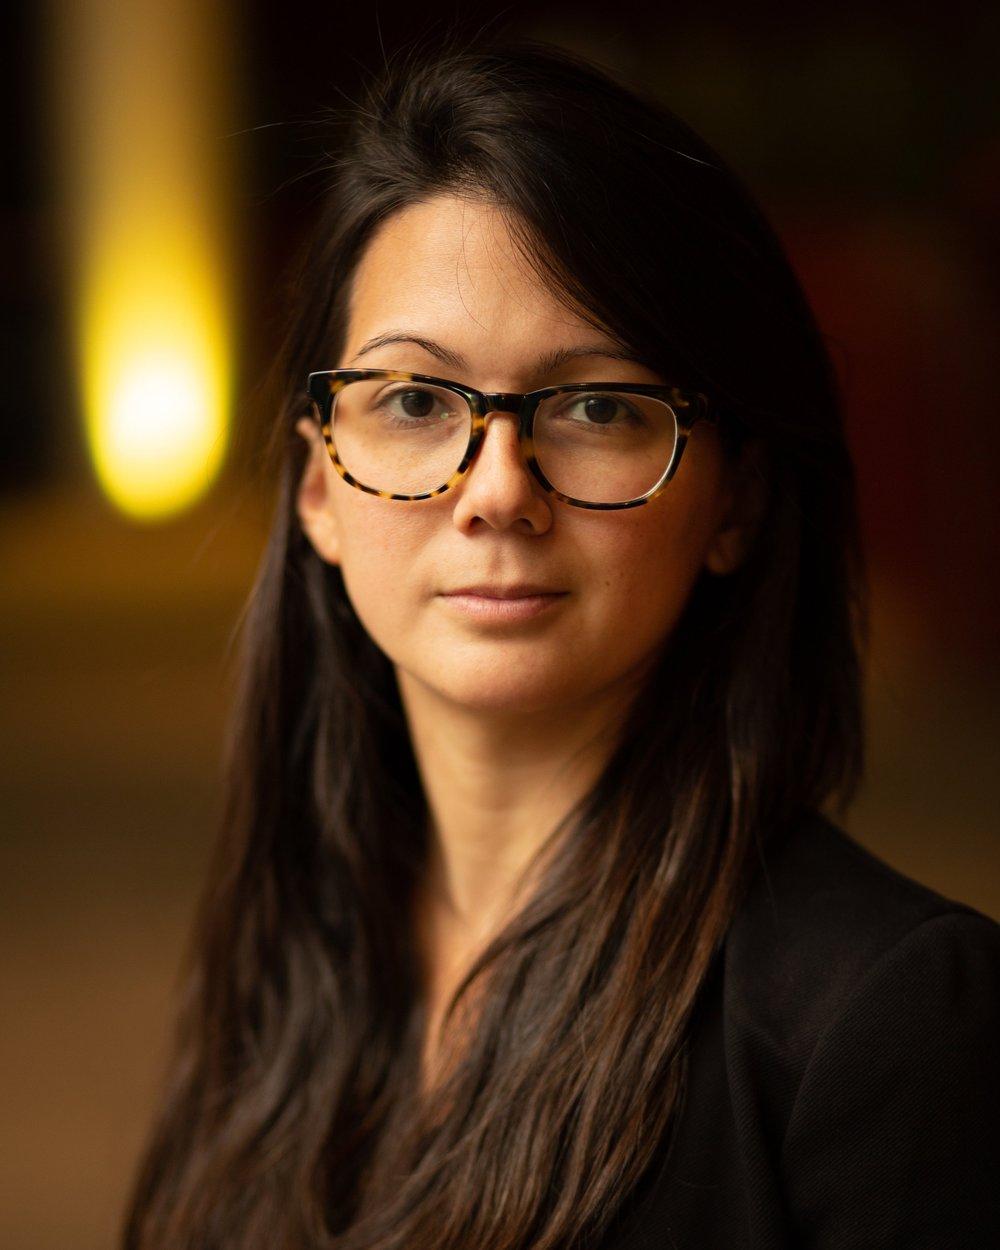 Daniella Zalcman Headshot.jpg